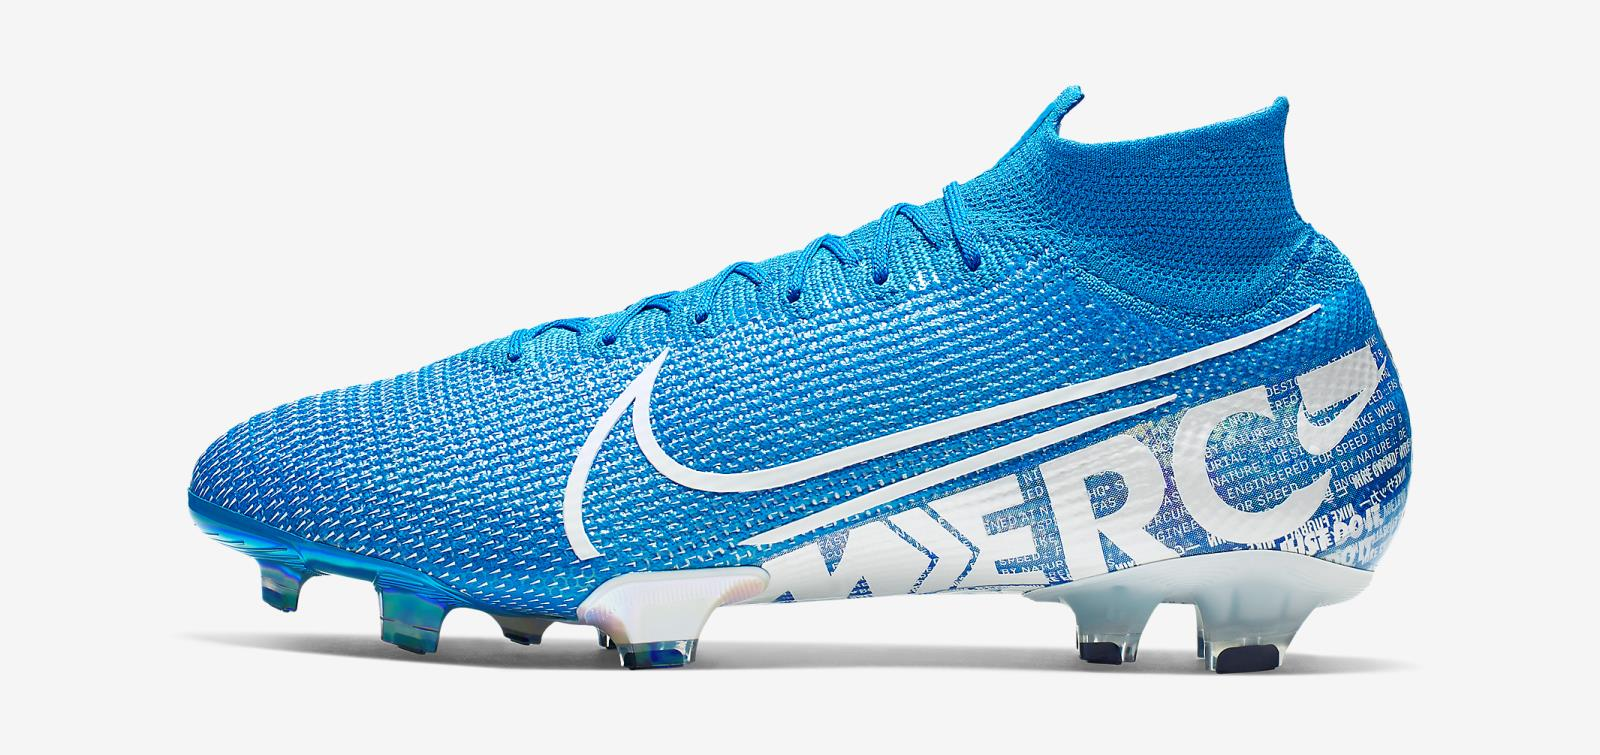 Luis Muriel Football Boots